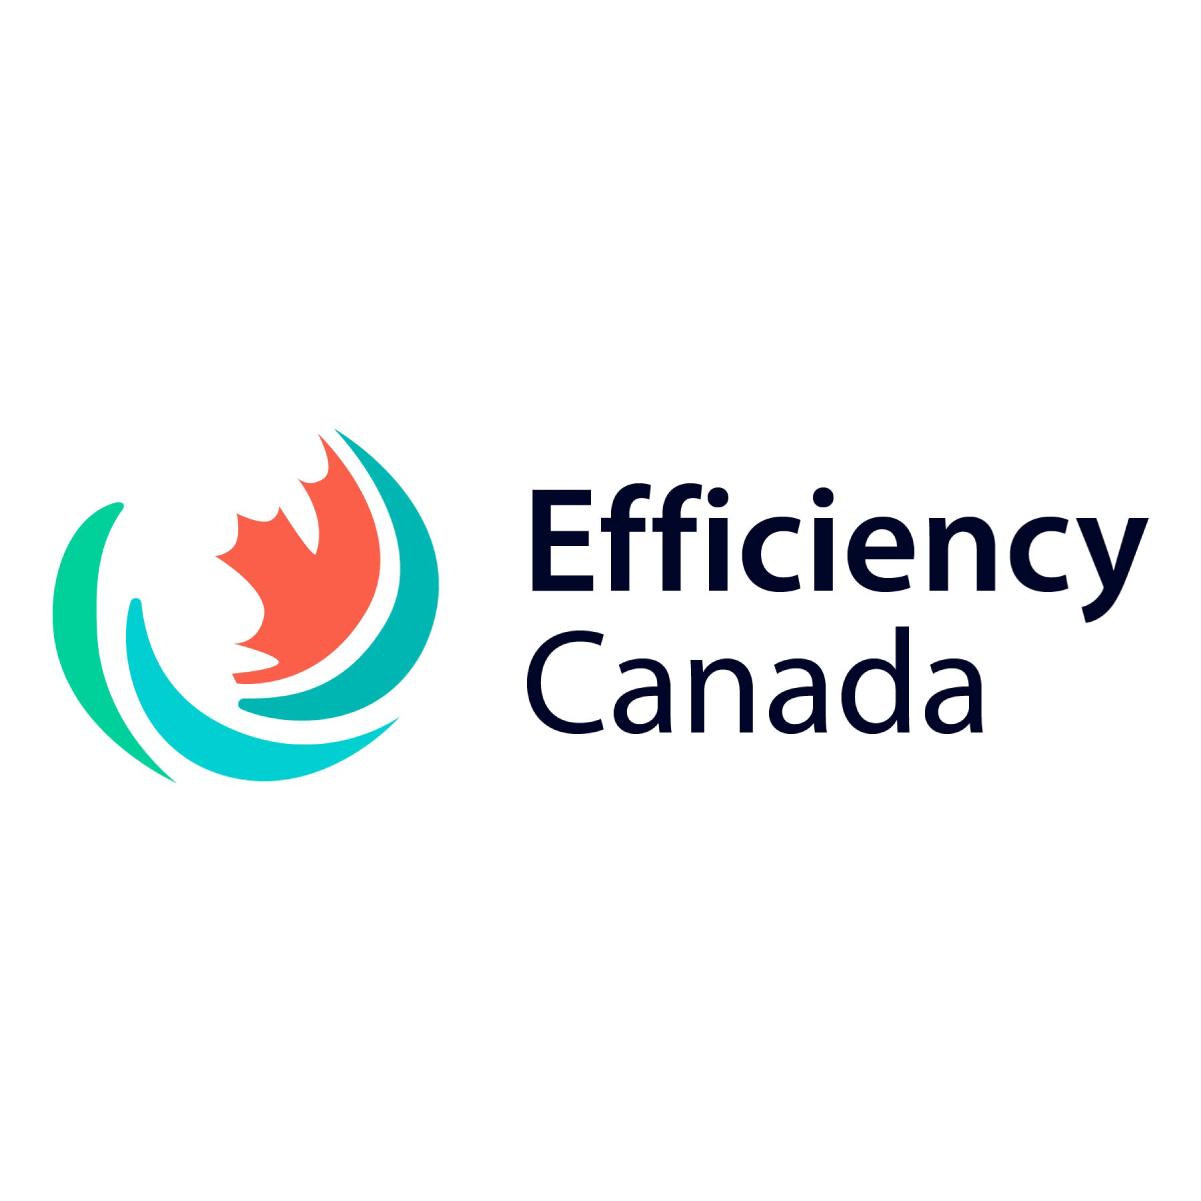 Efficiency Canada